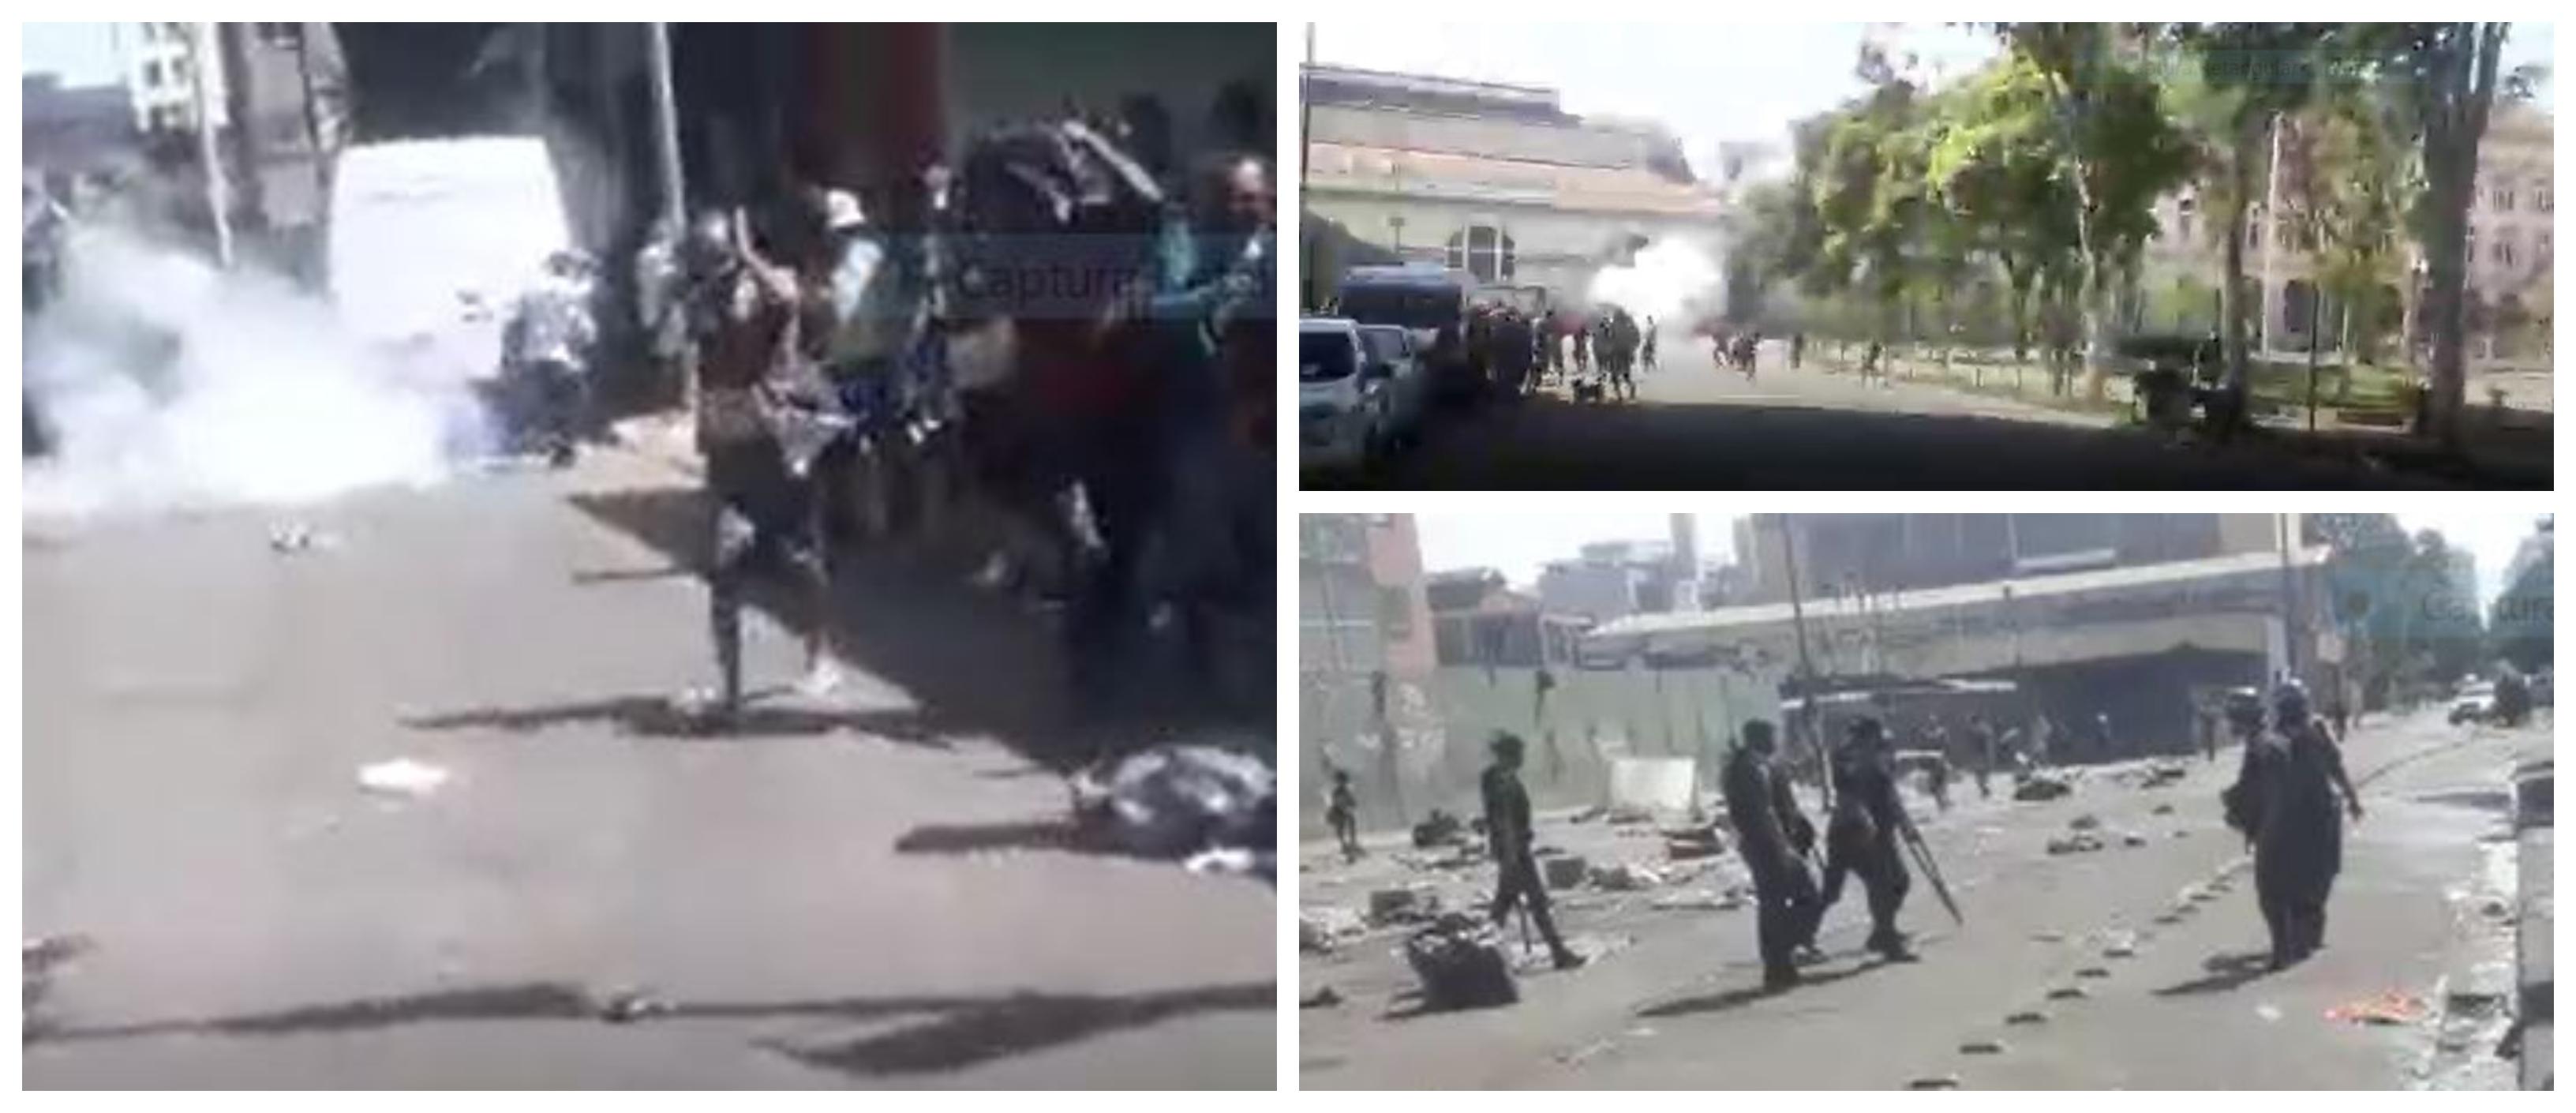 """Morador: """"Contra o coronavírus, aqui na Cracolândia, é bomba, muito bomba!""""; vídeo"""